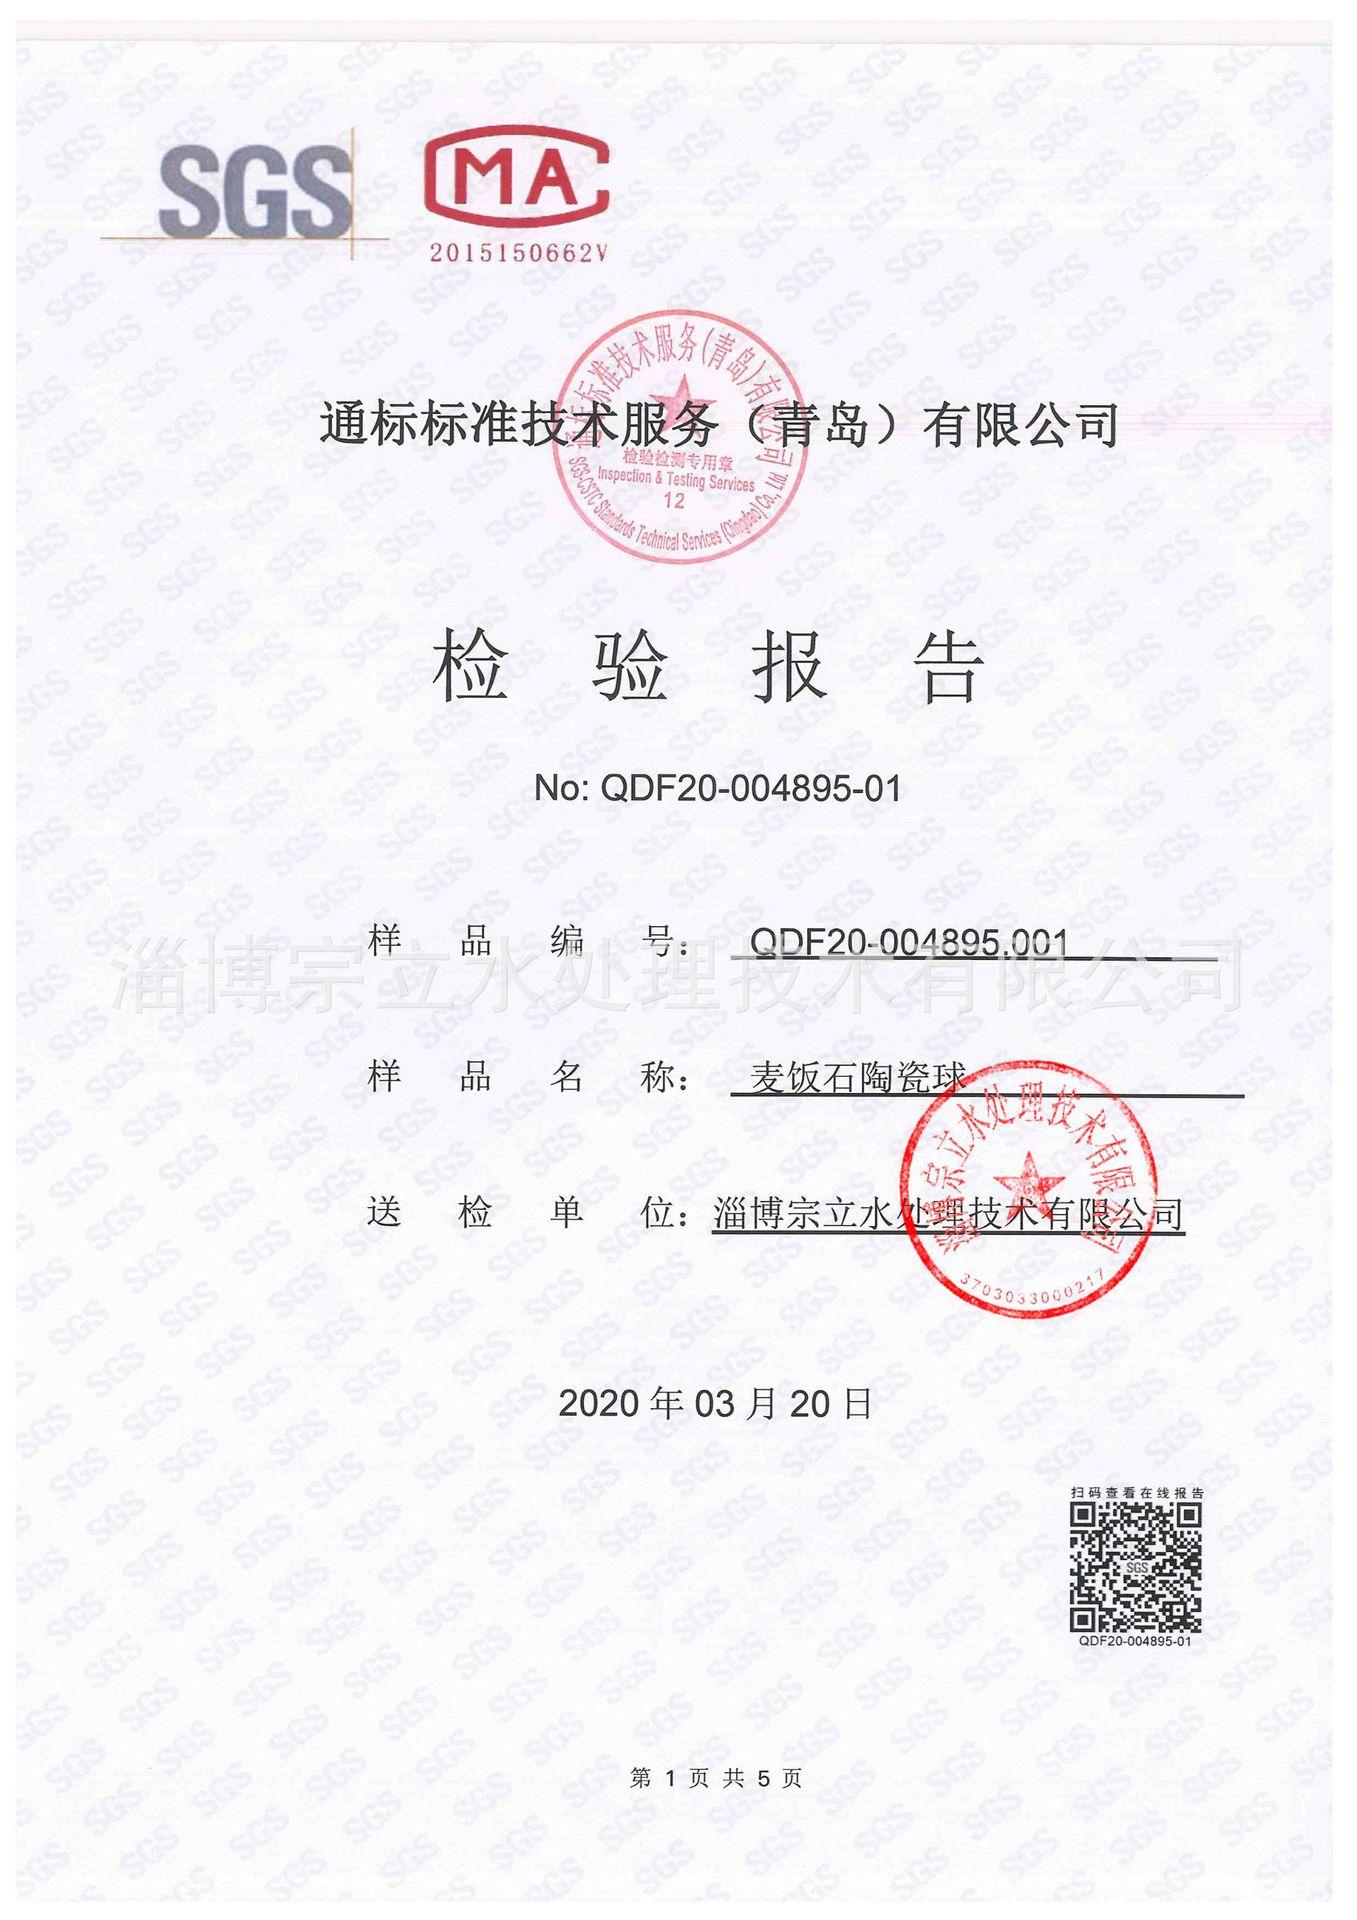 麦饭石williamhill中文网址SGS检测报告-1